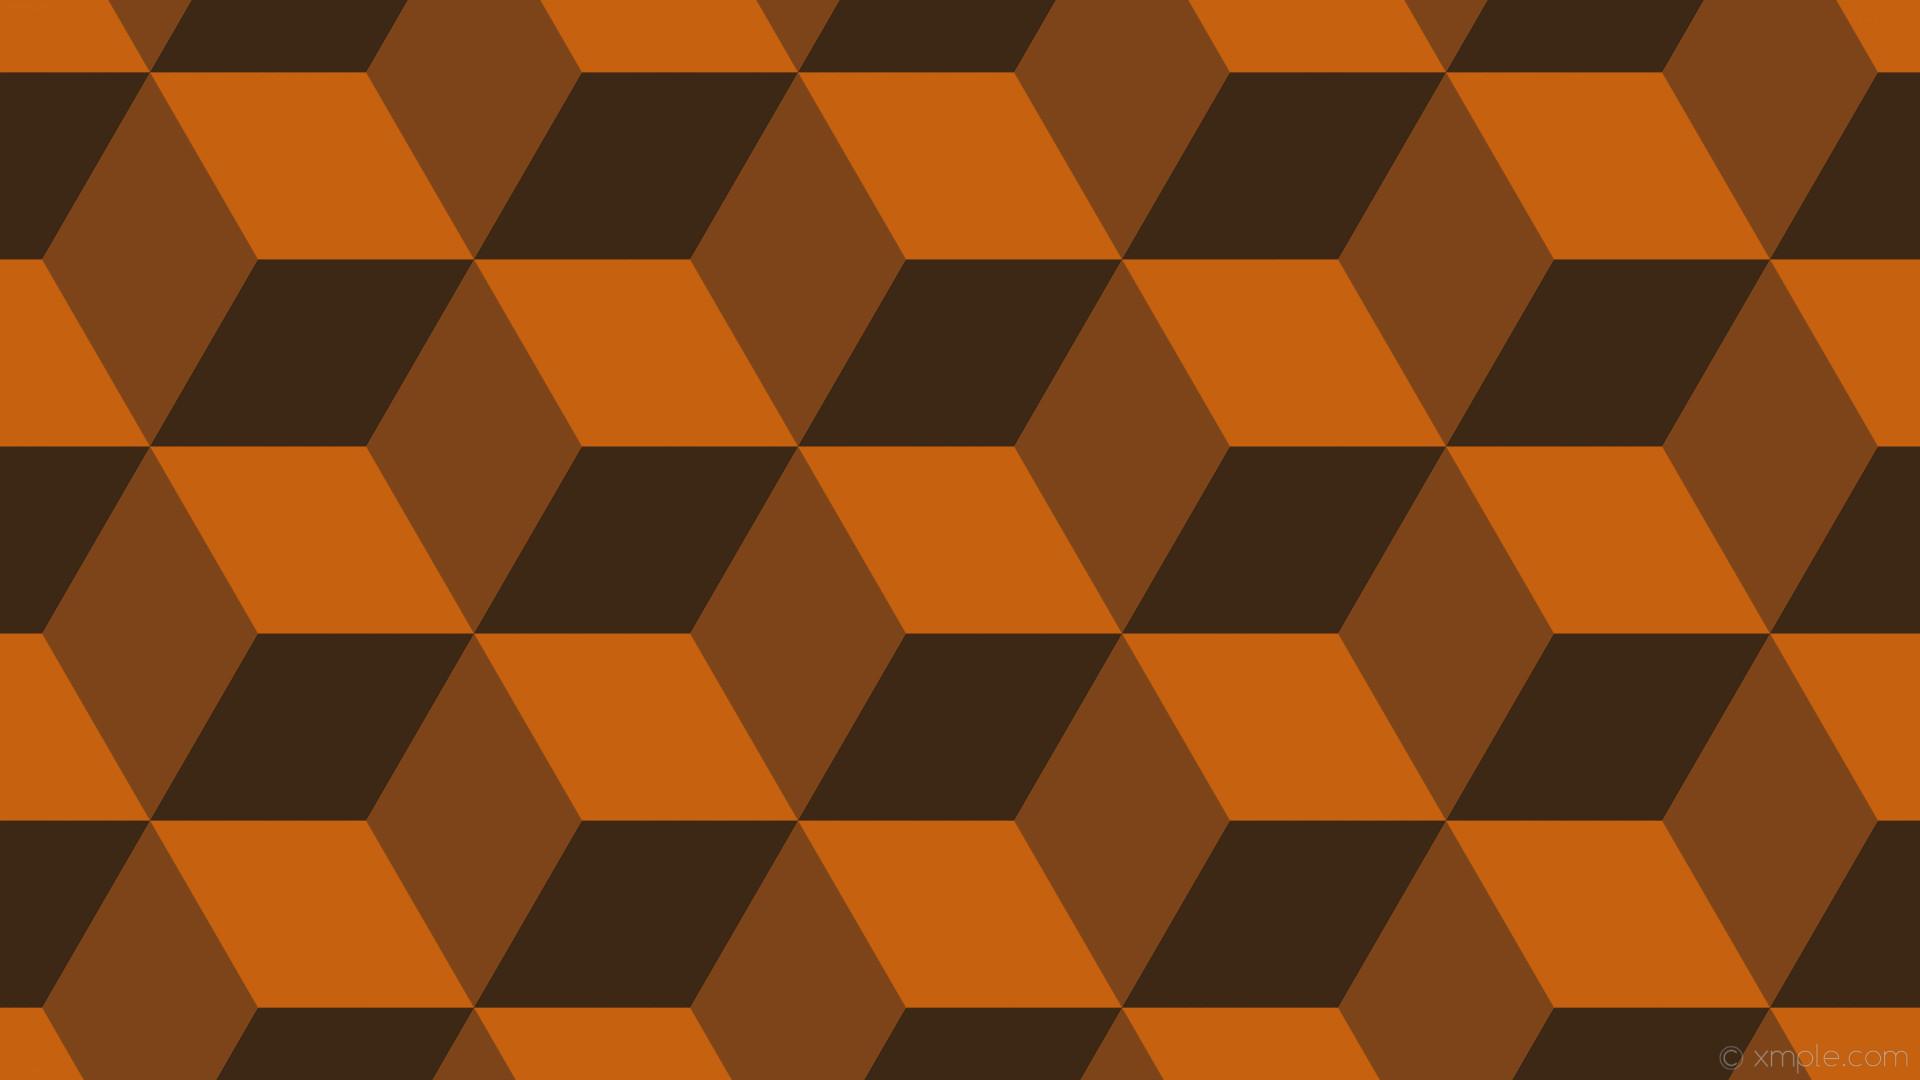 wallpaper 3d cubes orange dark orange #c66110 #7c4418 #3d2715 330° 216px